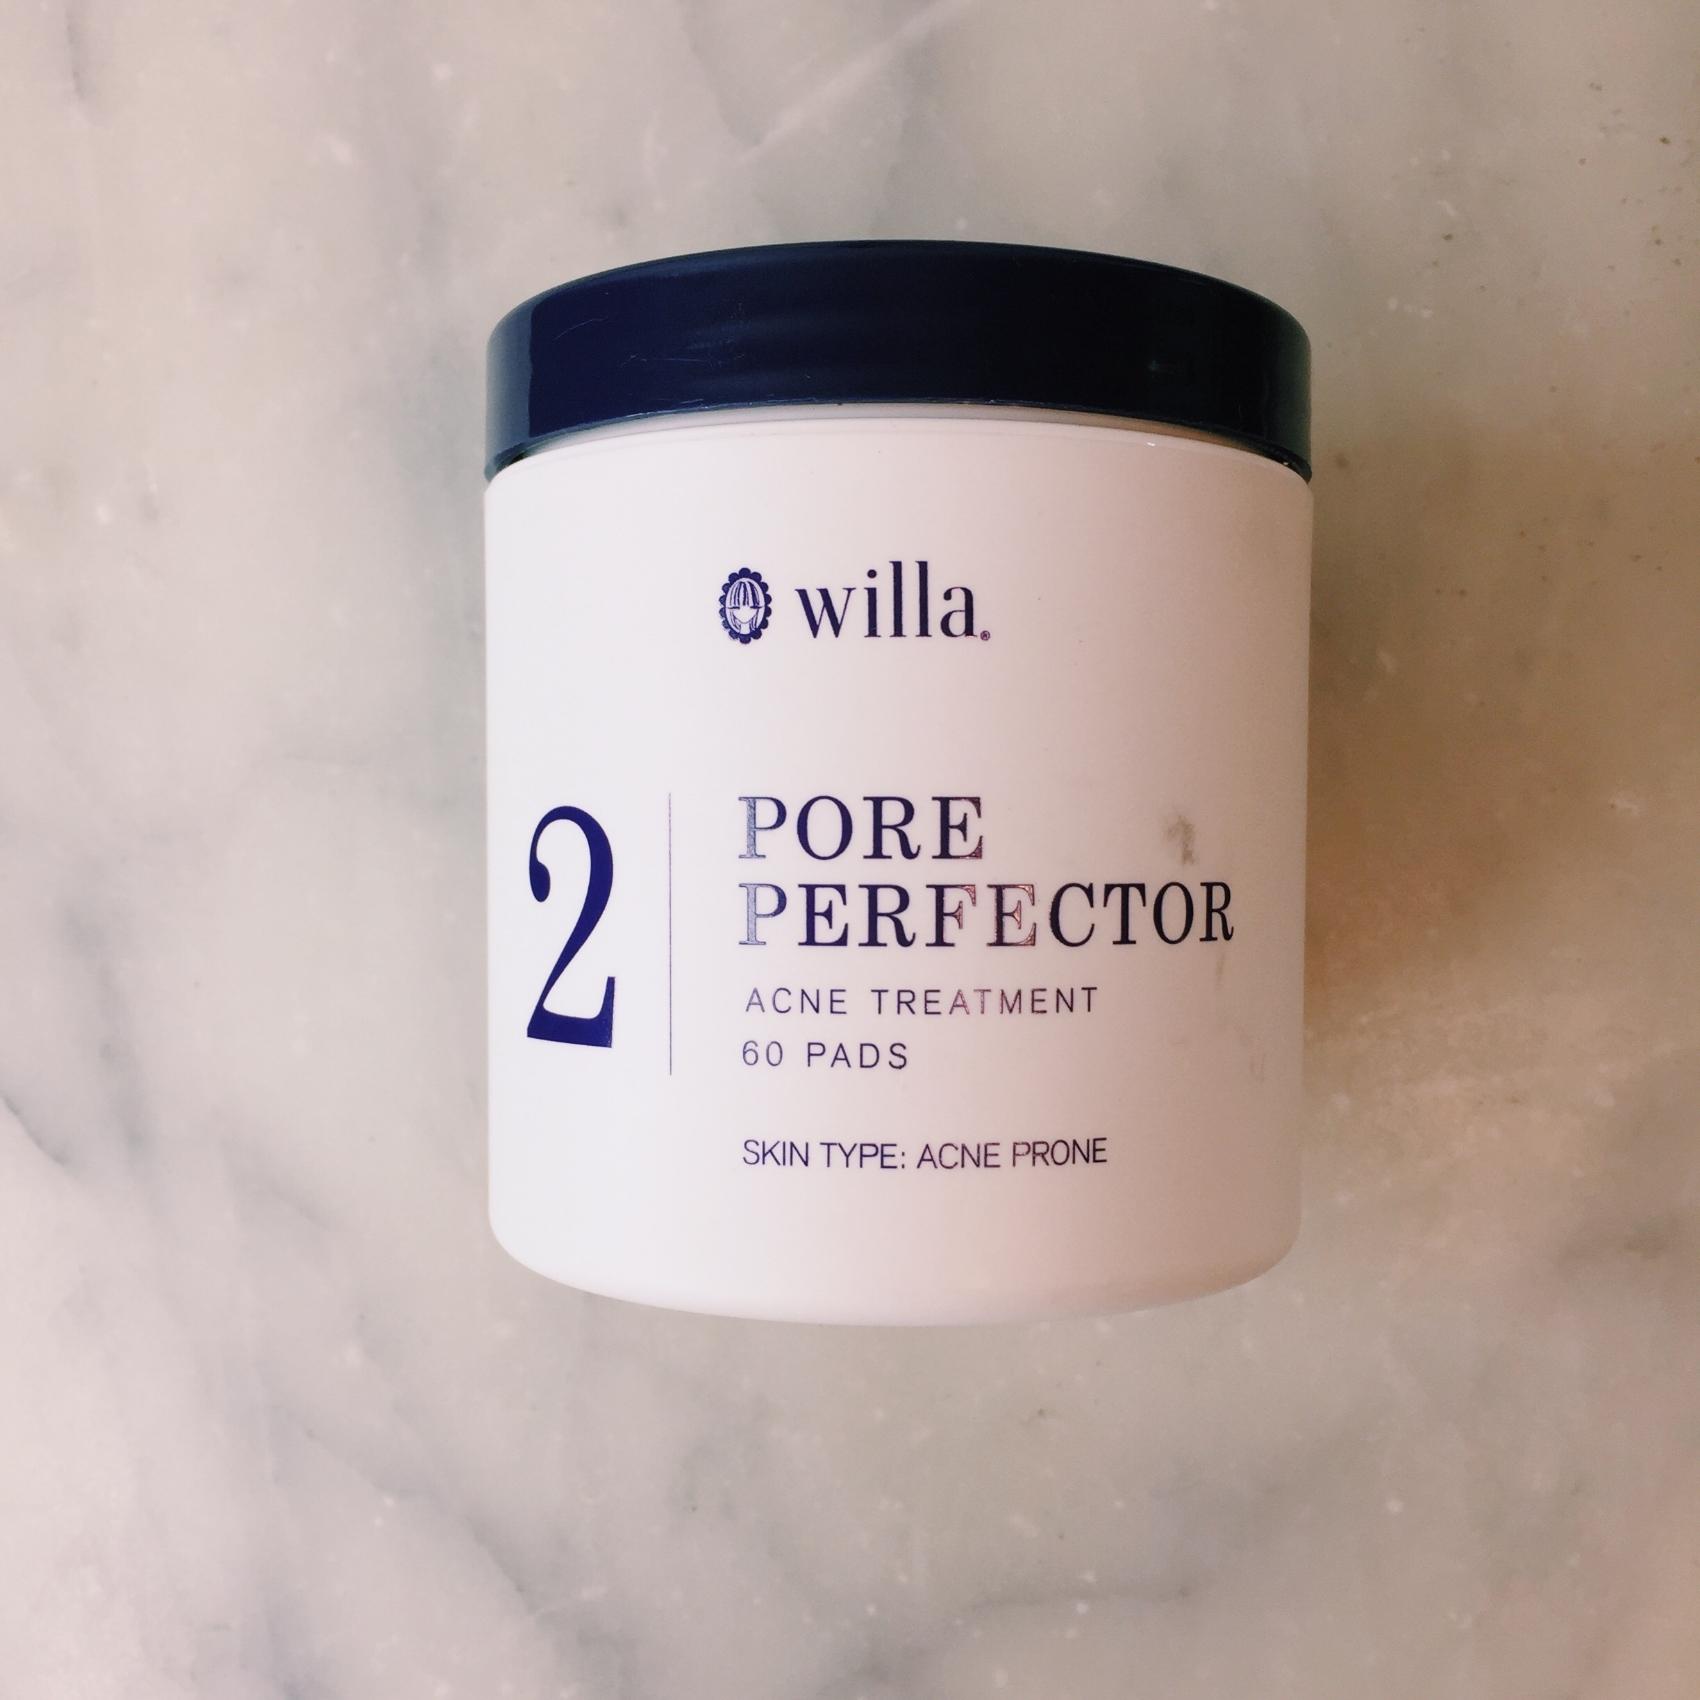 Willa Pore Perfector Pads